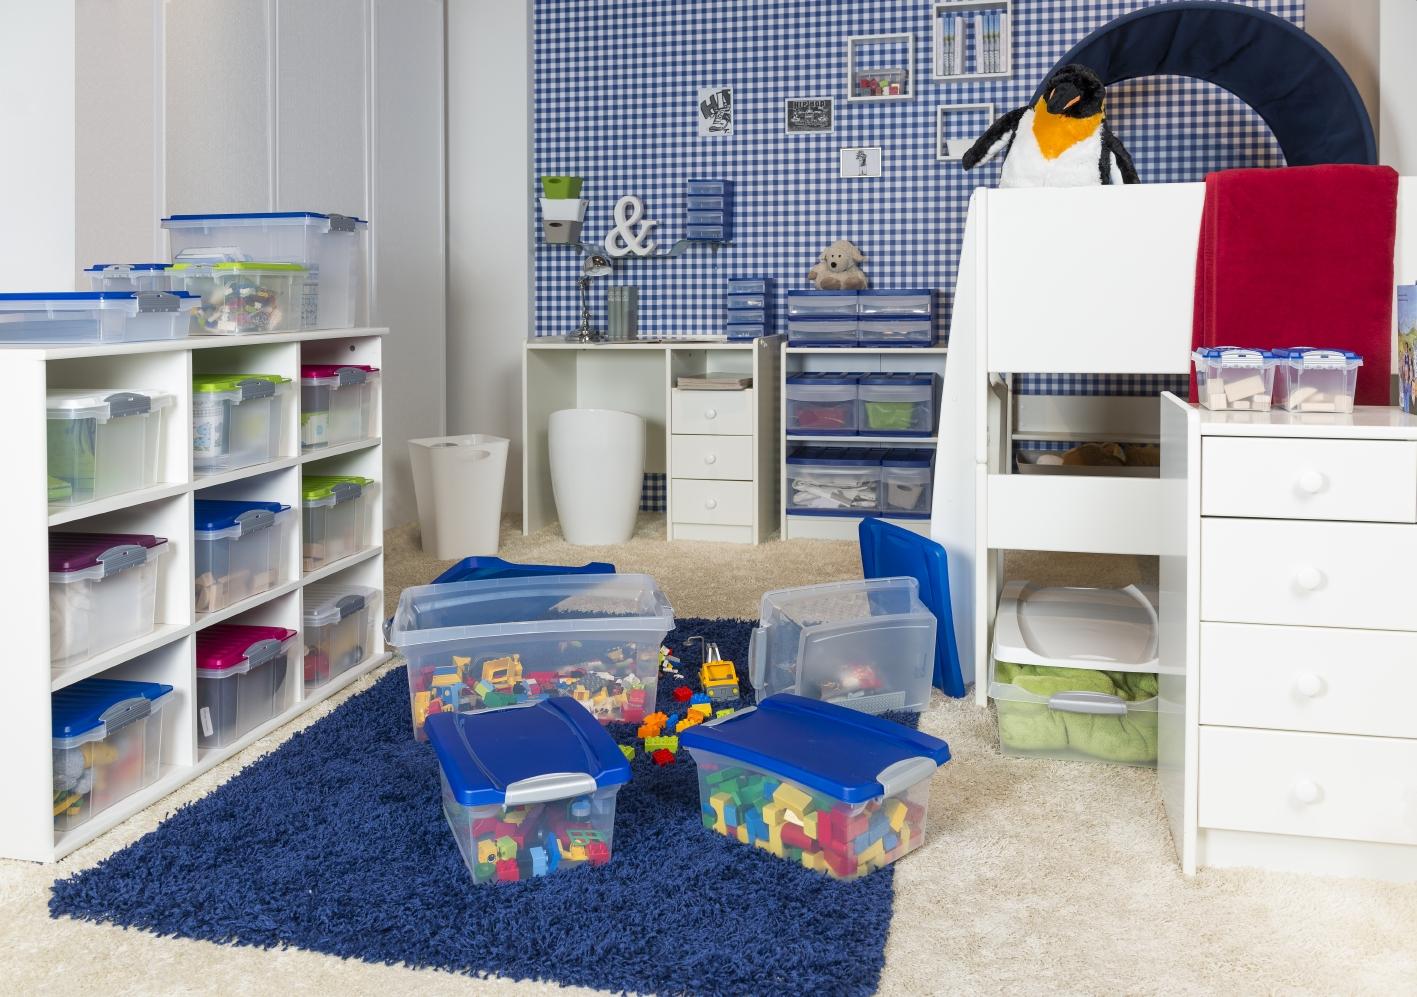 Full Size of Kinderzimmer Aufbewahrung Spielzeug Regal Lidl Aufbewahrungskorb Rosa Aufbewahrungsbox Aufbewahrungsboxen Gebraucht Blau Ikea Aufbewahrungssystem Ordnung Und Kinderzimmer Kinderzimmer Aufbewahrung